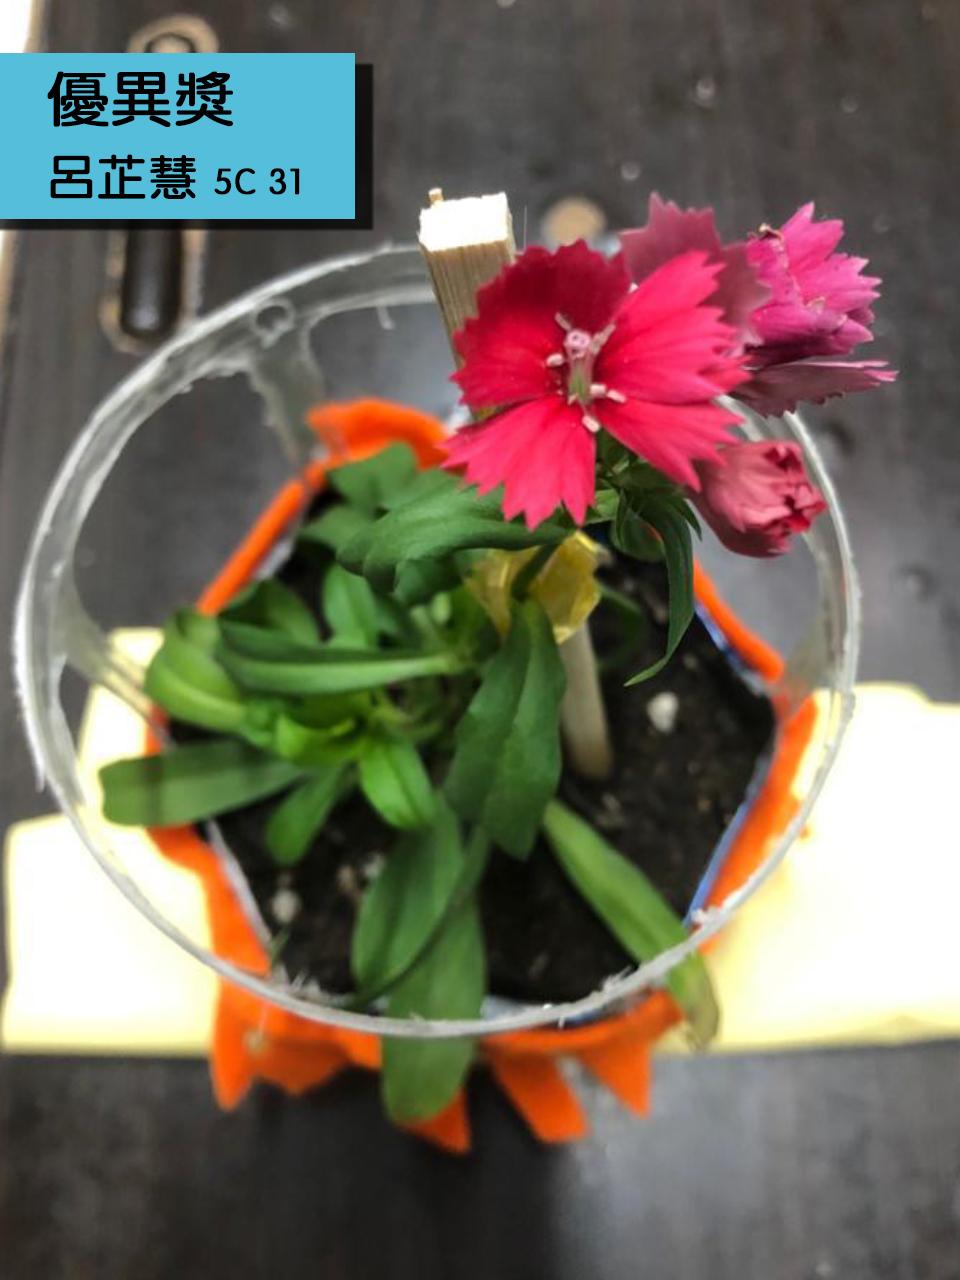 https://plkcjy.edu.hk/sites/default/files/you_yi_jiang_5c_31_lu_zhi_hui_.jpg